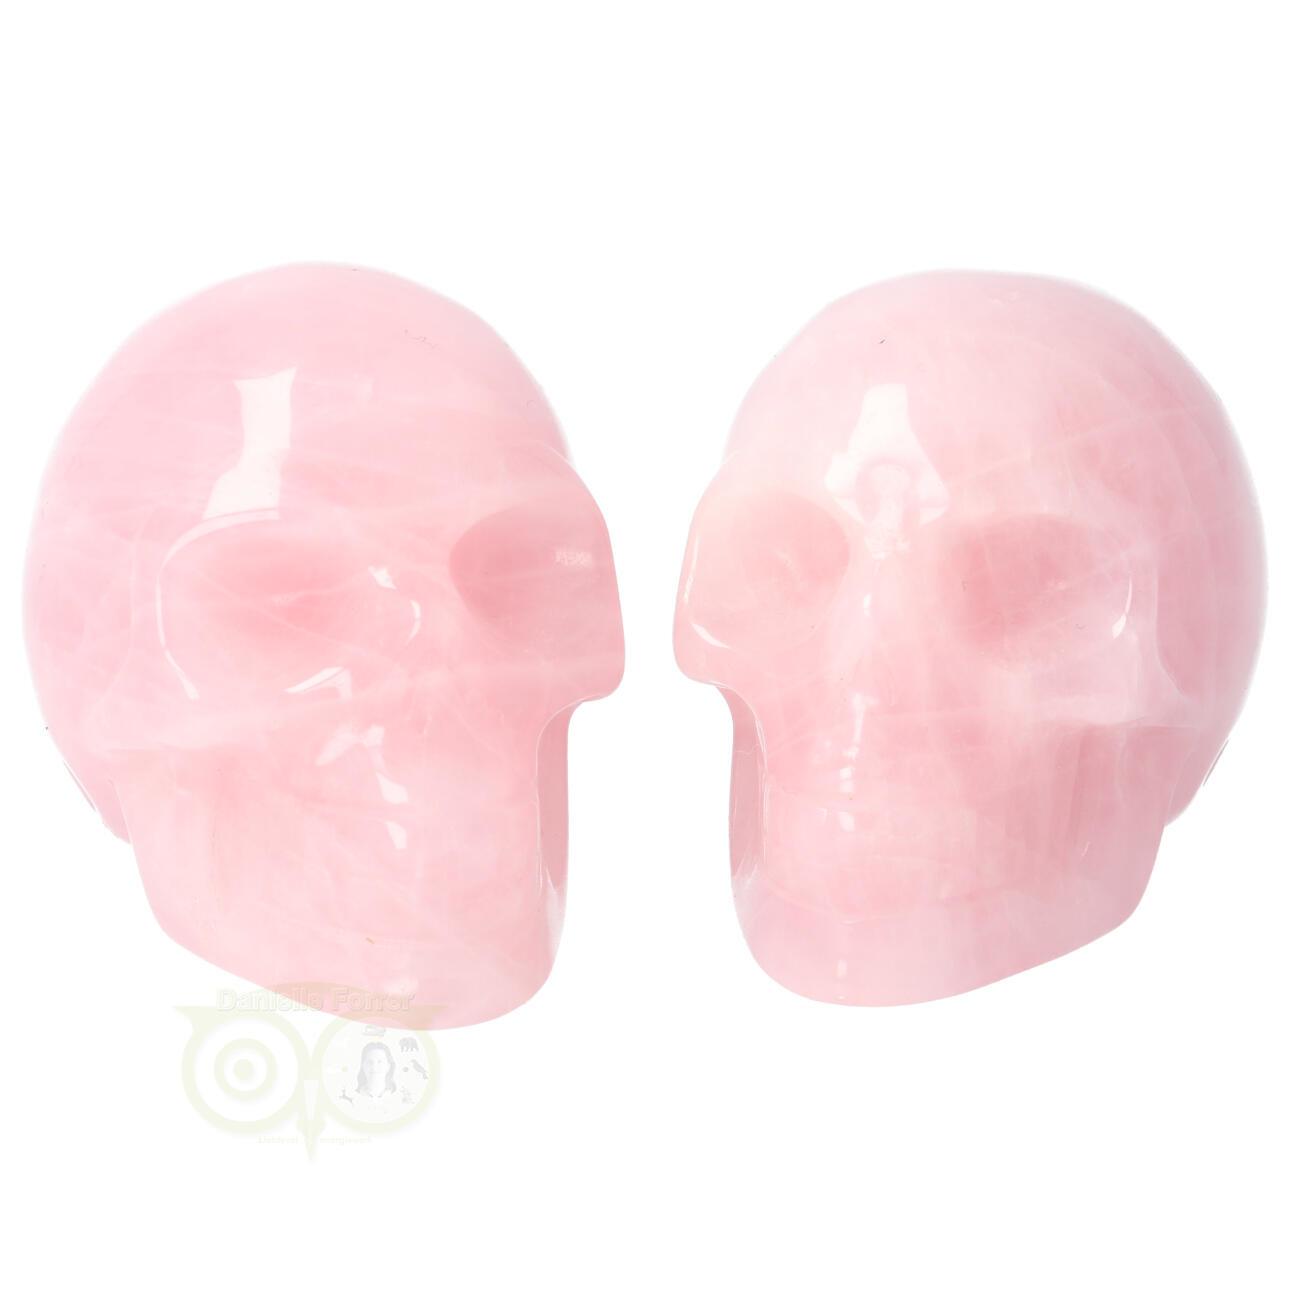 Rozenkwarts kristallen schedel - Rozenkwarts kleine schedels kopen | Edelstenen Webwinkel - Webshop Danielle Forrer